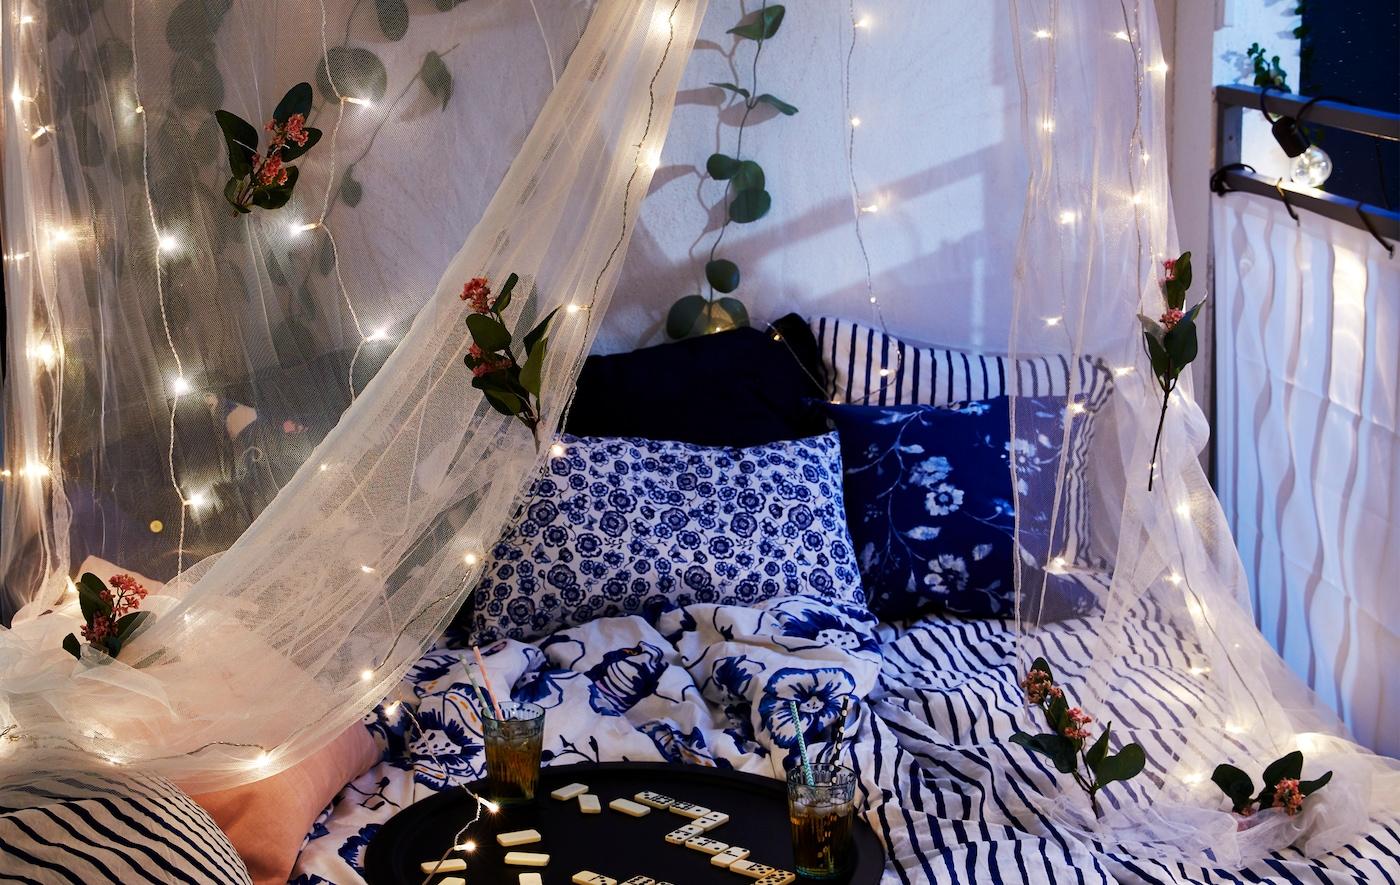 Rete Per Balconi Bambini idee per modificare il balcone in una camera da letto - ikea it